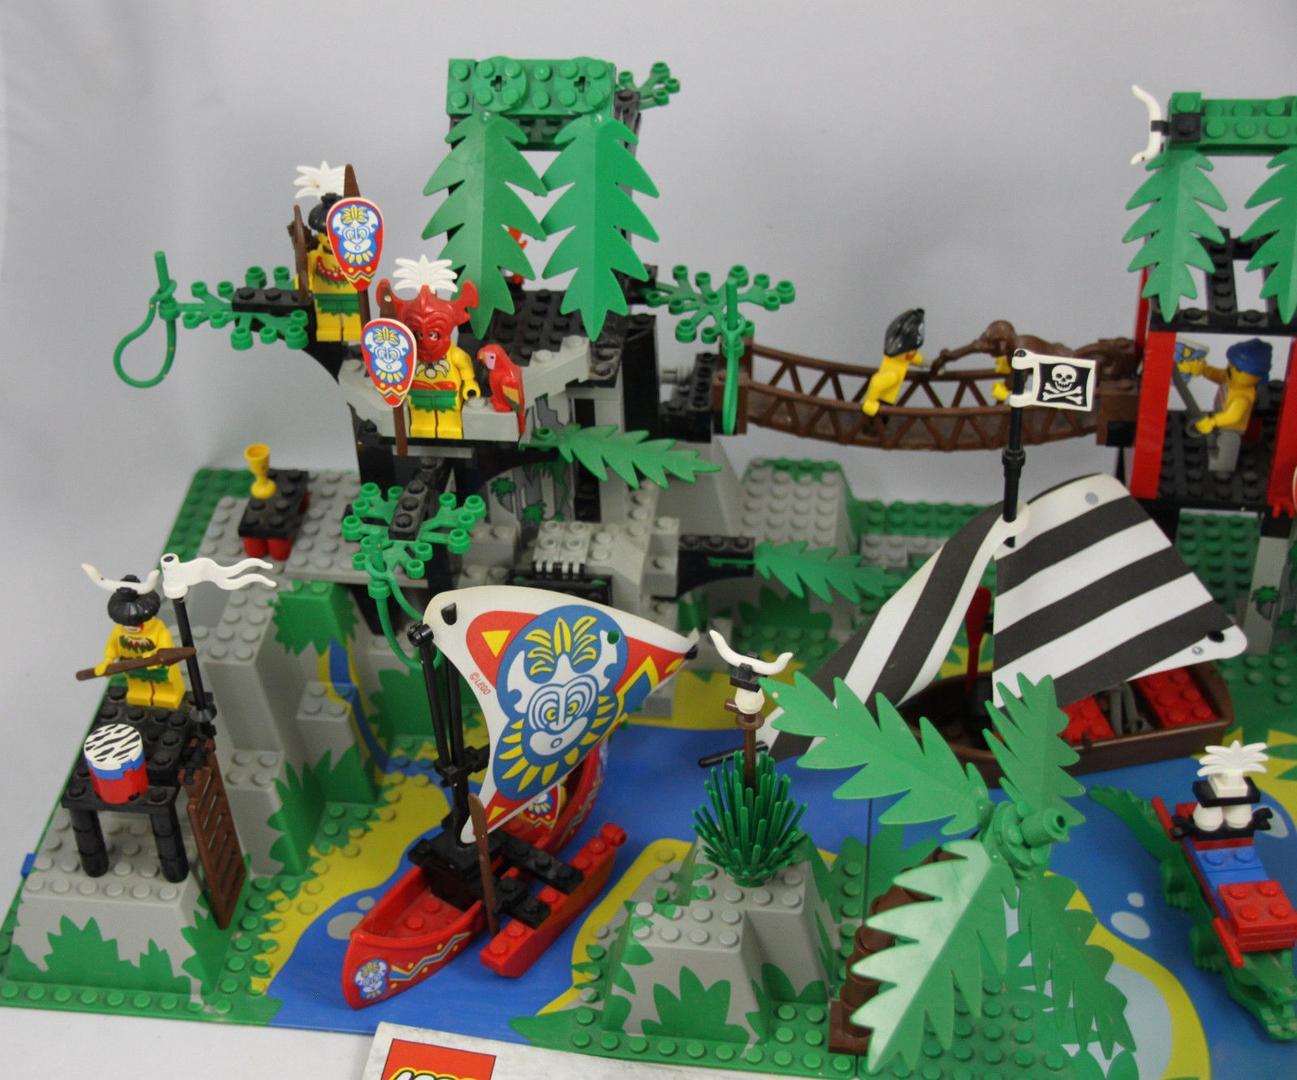 lego-pirates-enchanted-island-6292_1_8f23c01e1468ada222980f158d23974f.jpg